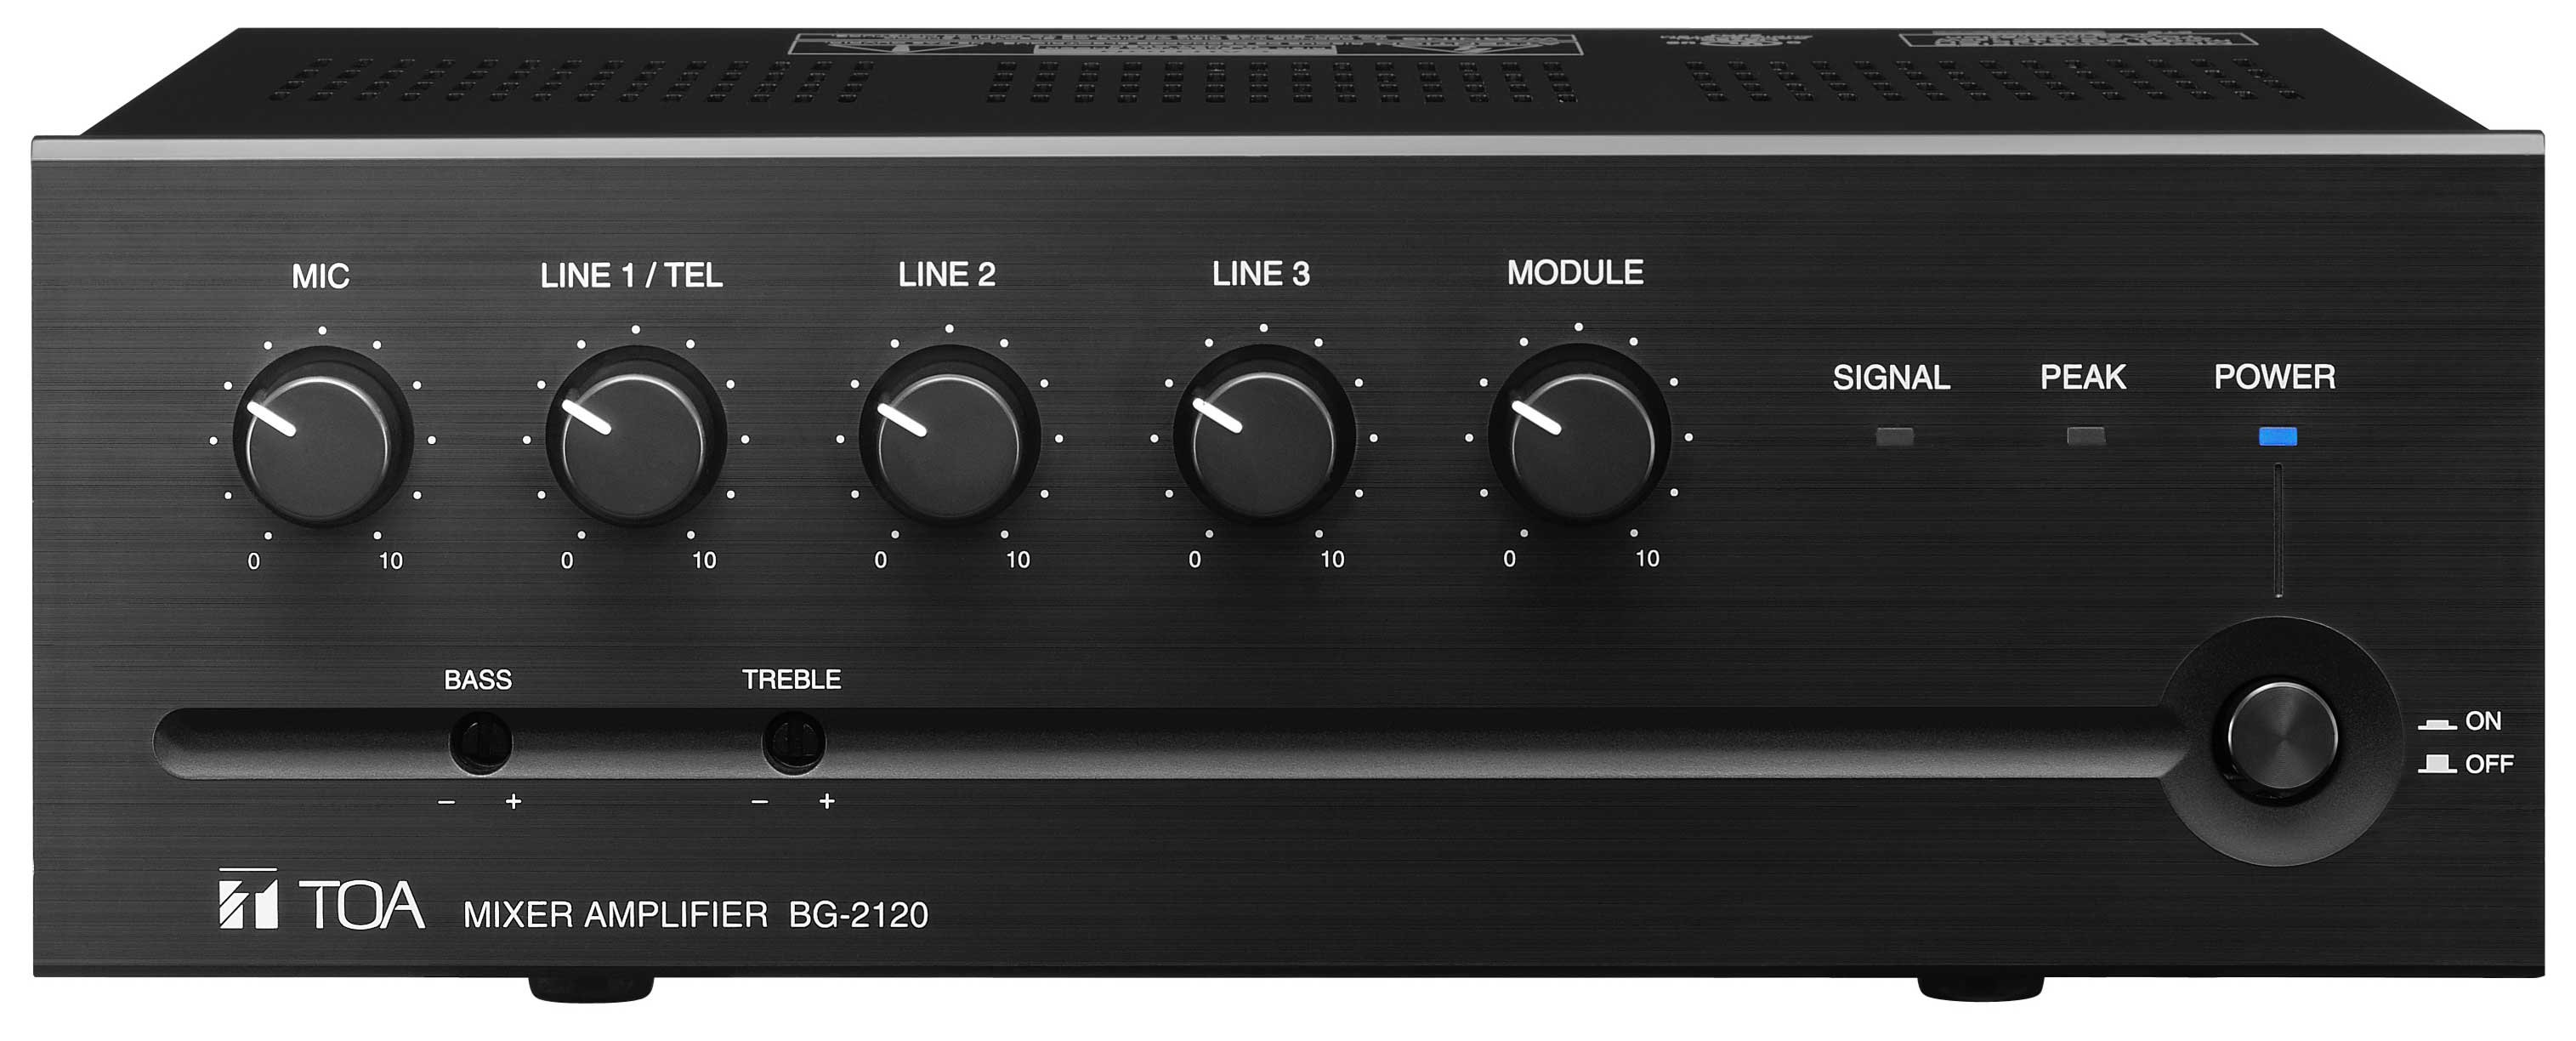 Mixer/Amp, 35W, 5 Input